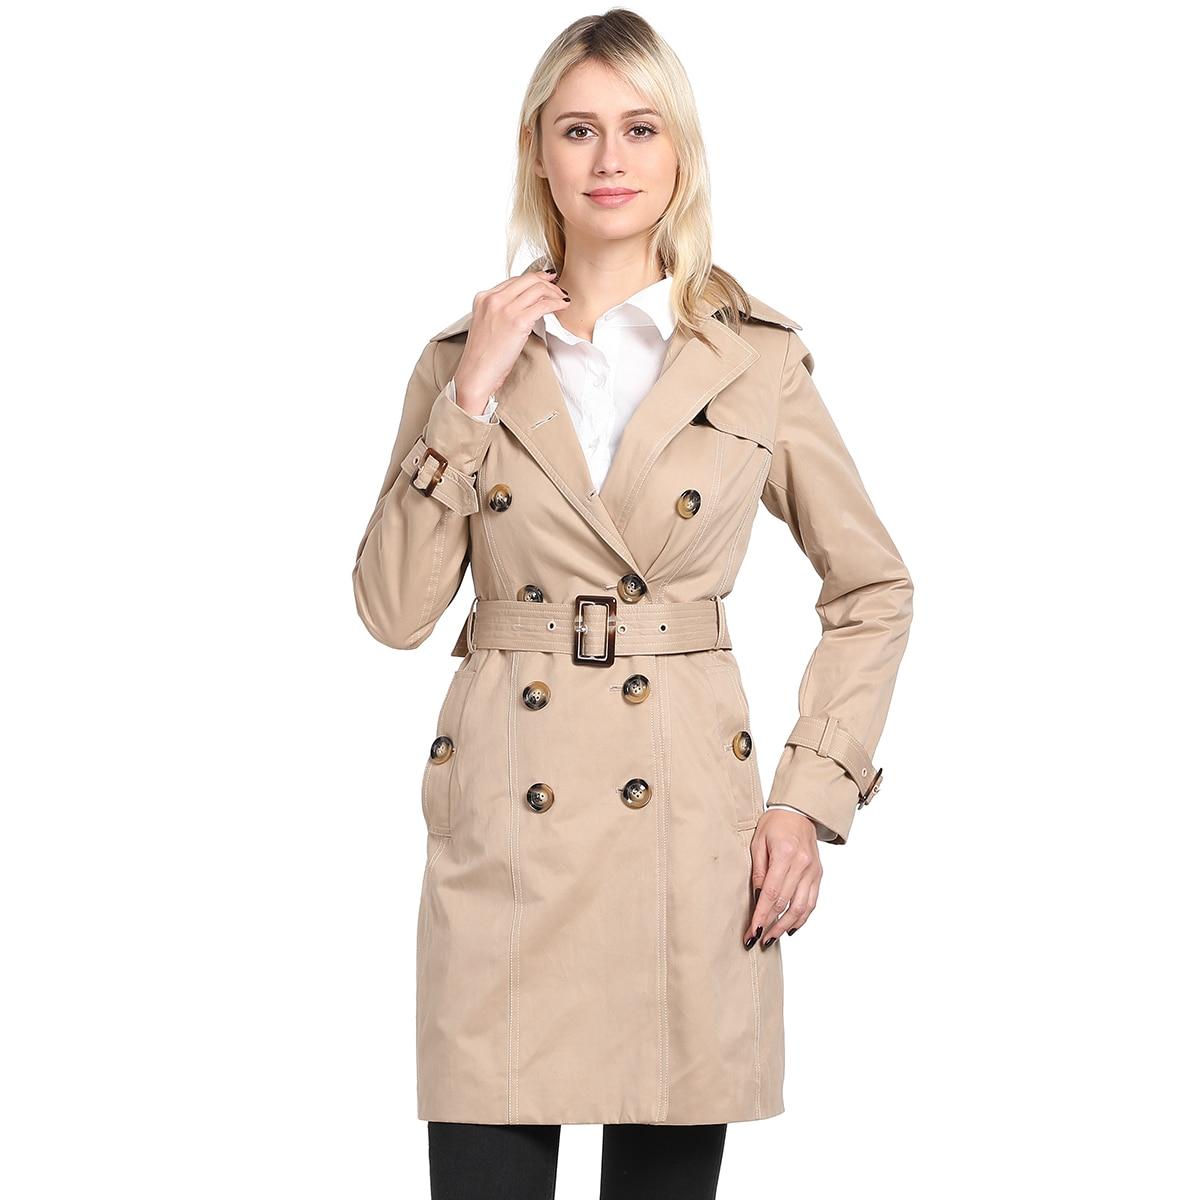 Caban Breasted Designer Nouvelle Mode Européenne Trench Double Marque Classique Réel coat Noir Photos Kaki Femmes 7BwqF